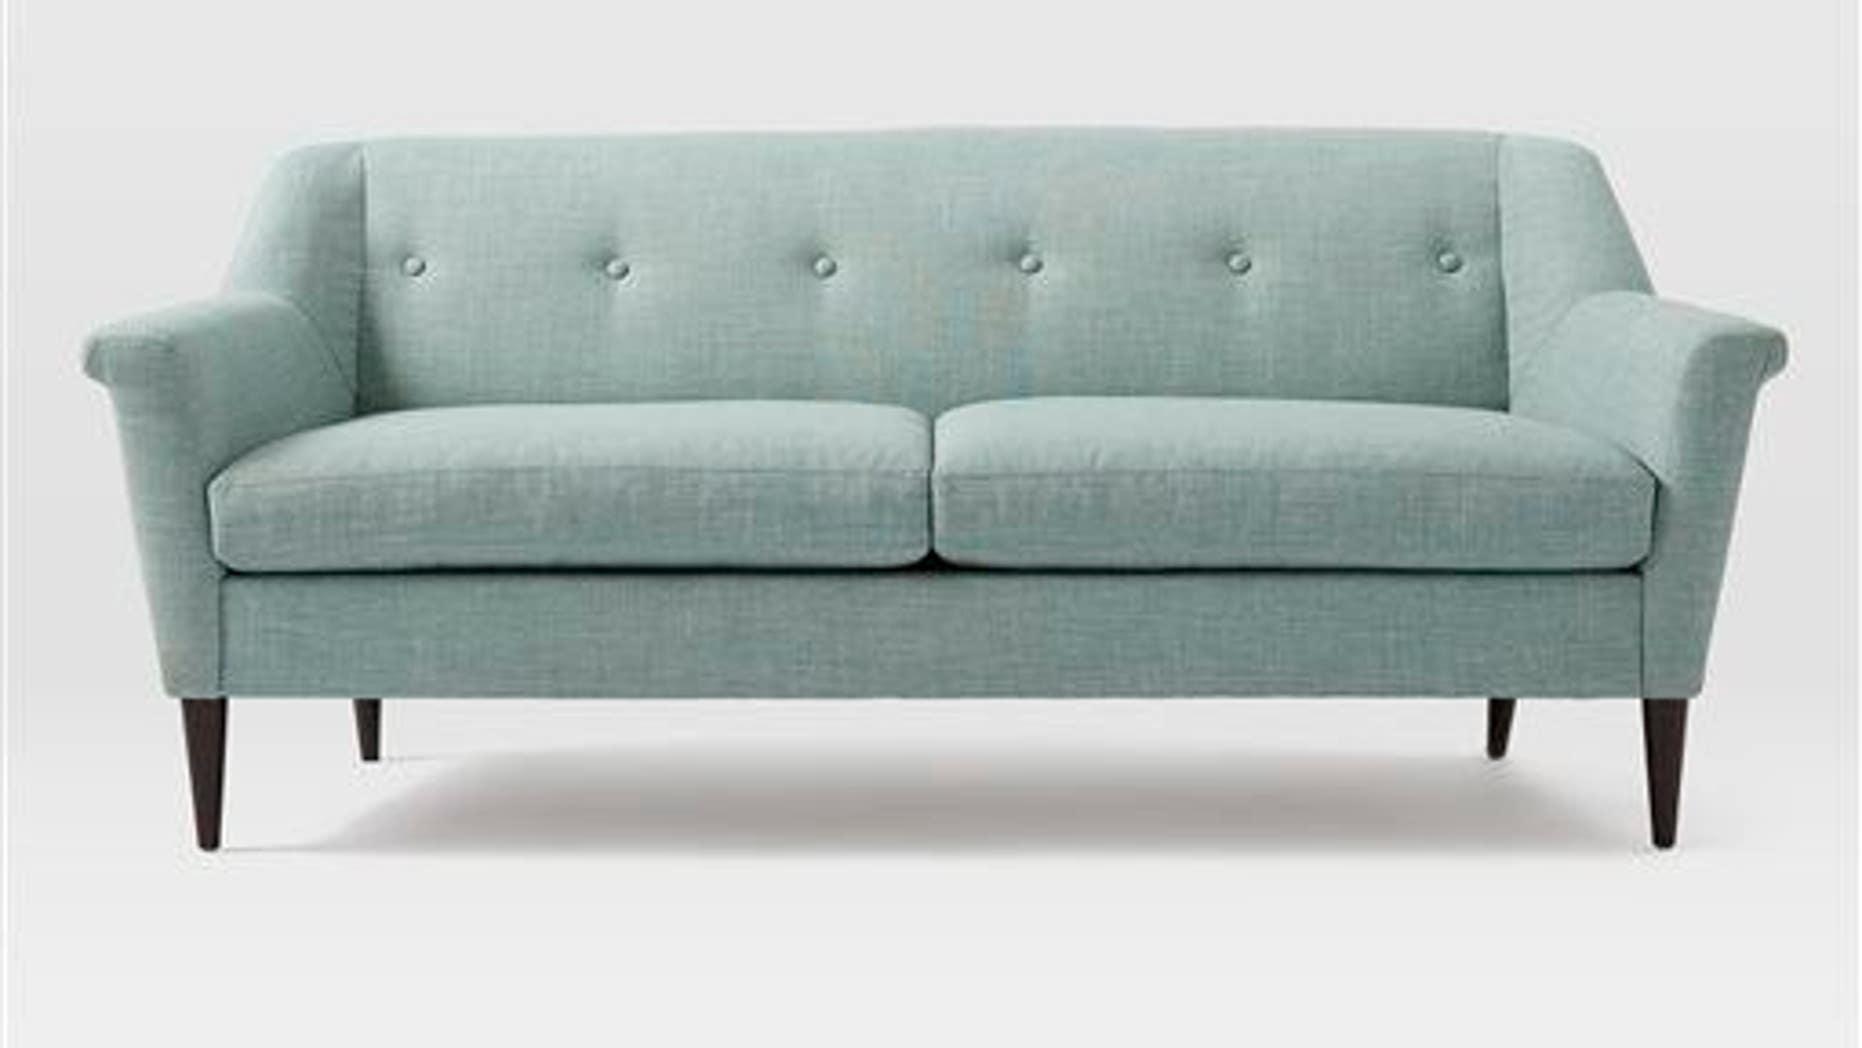 File photo of a sofa.